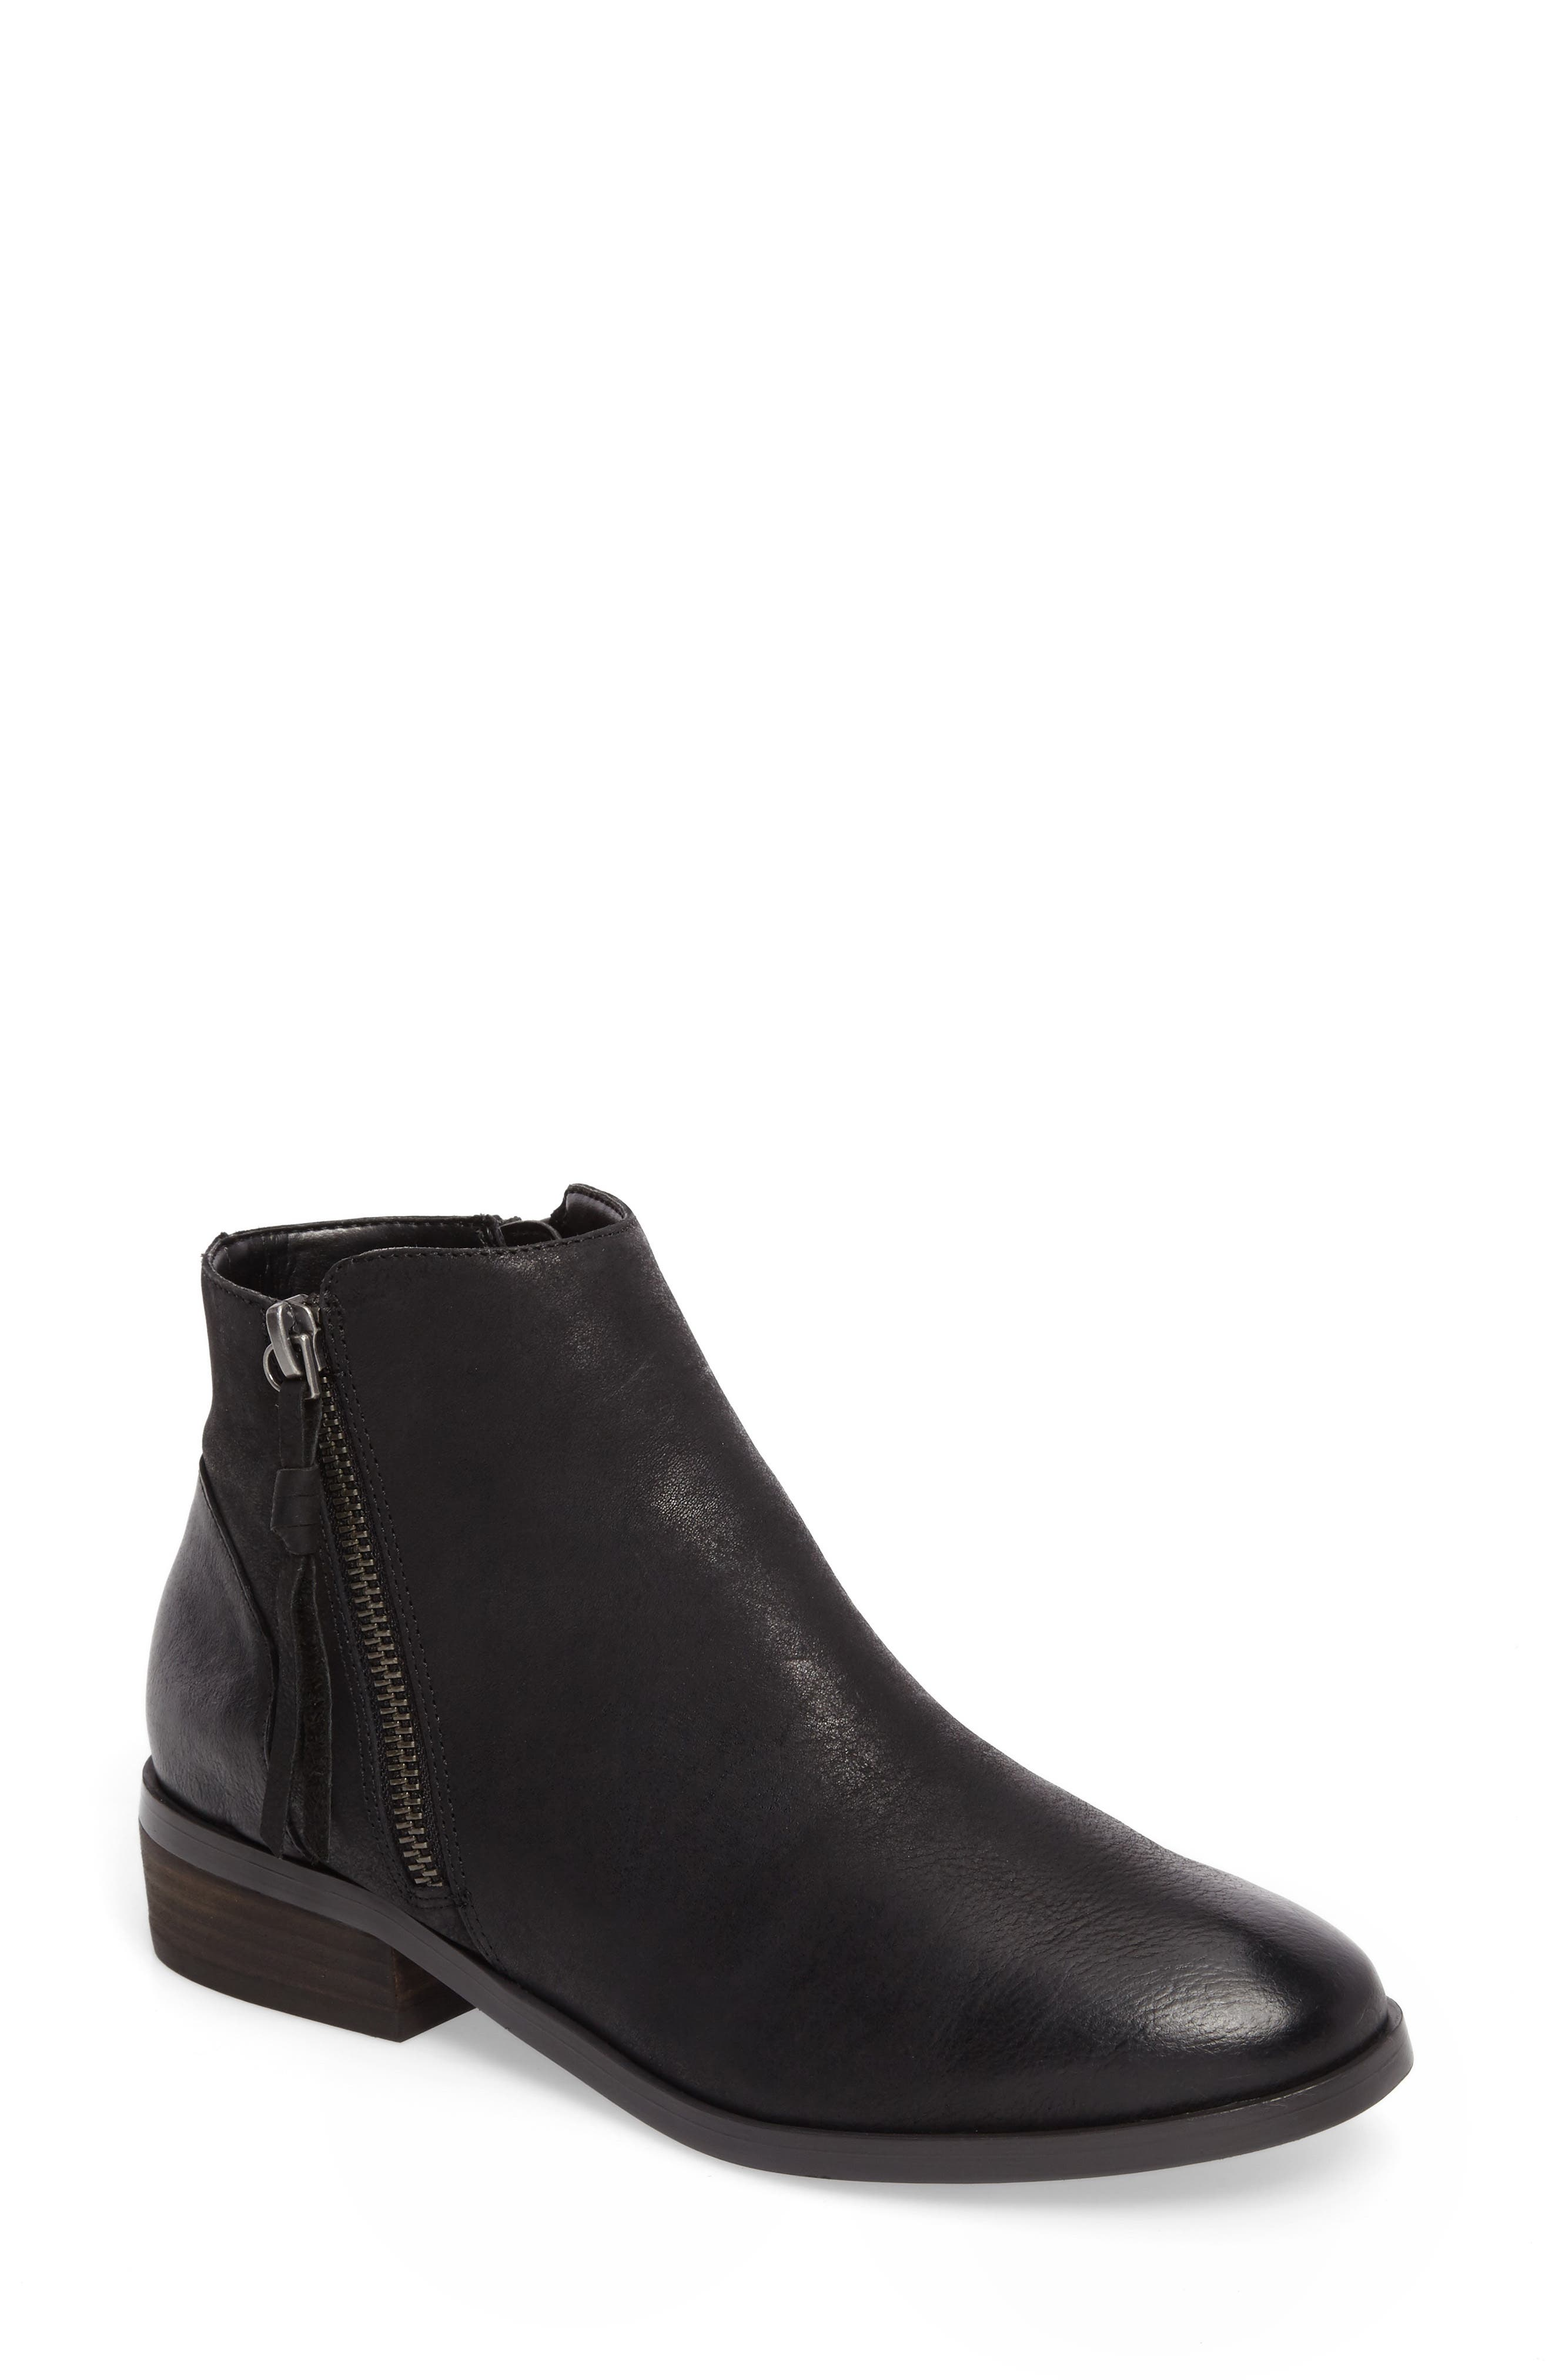 Abbott Bootie,                         Main,                         color, Black Leather